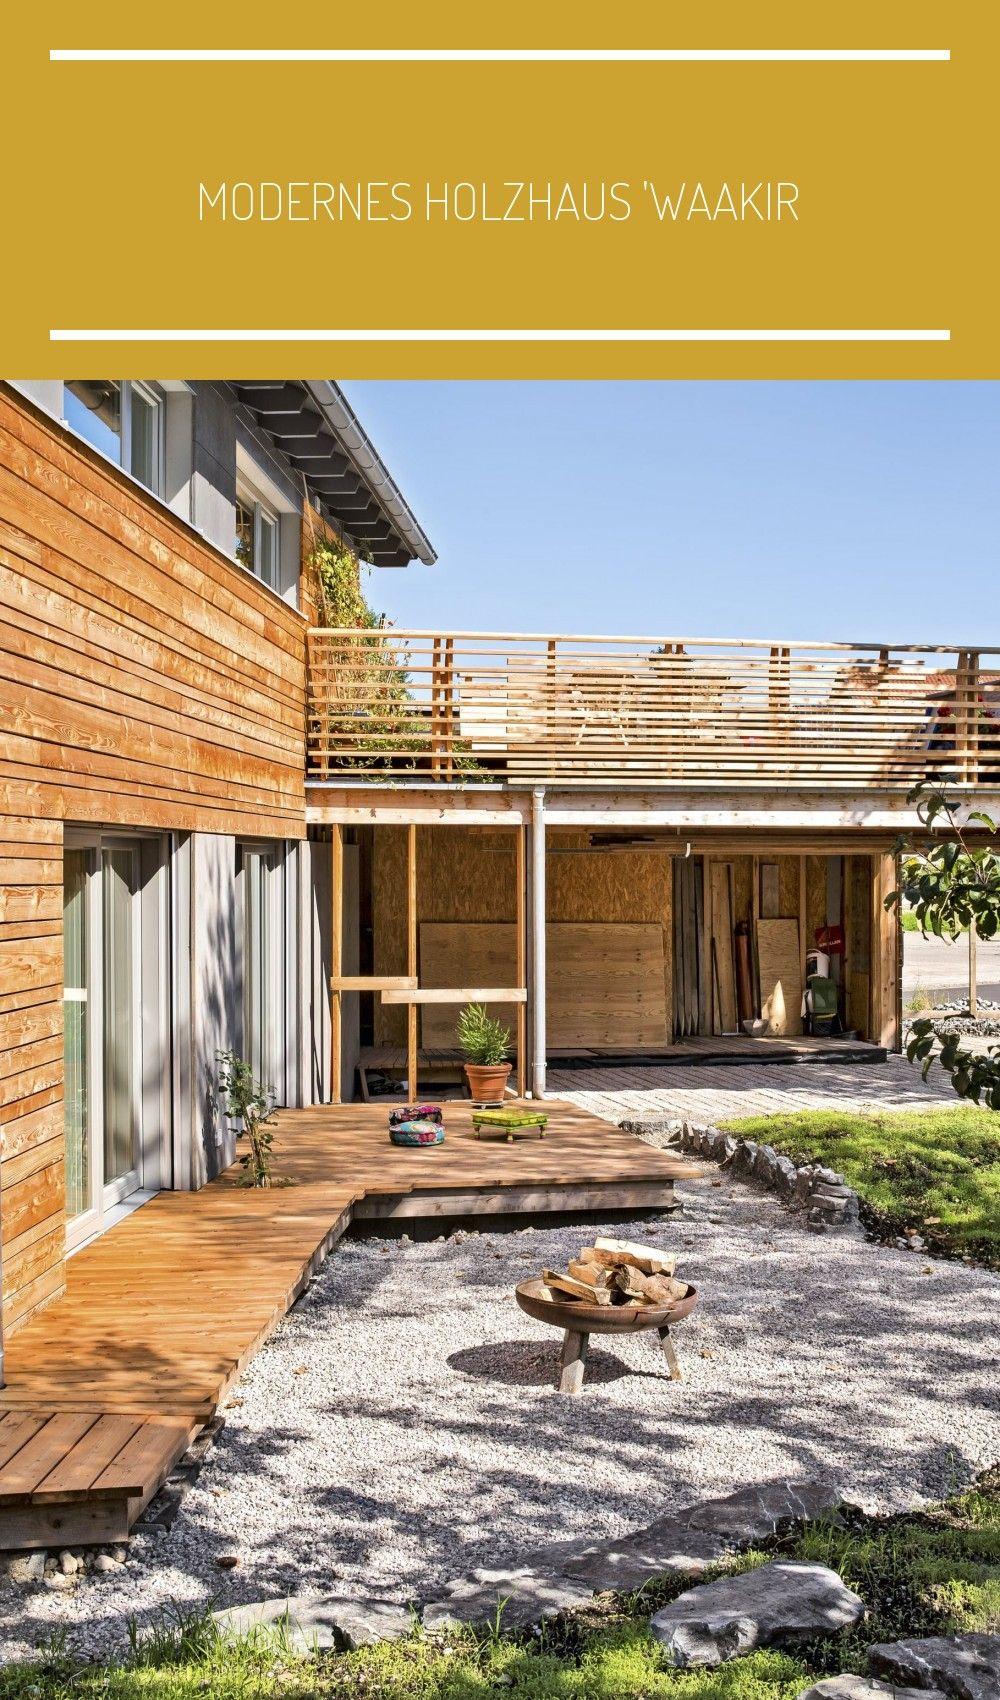 Photo of Modernes Holzhaus 'Waakirchen' mit Dachterrasse von Regnauer Haus